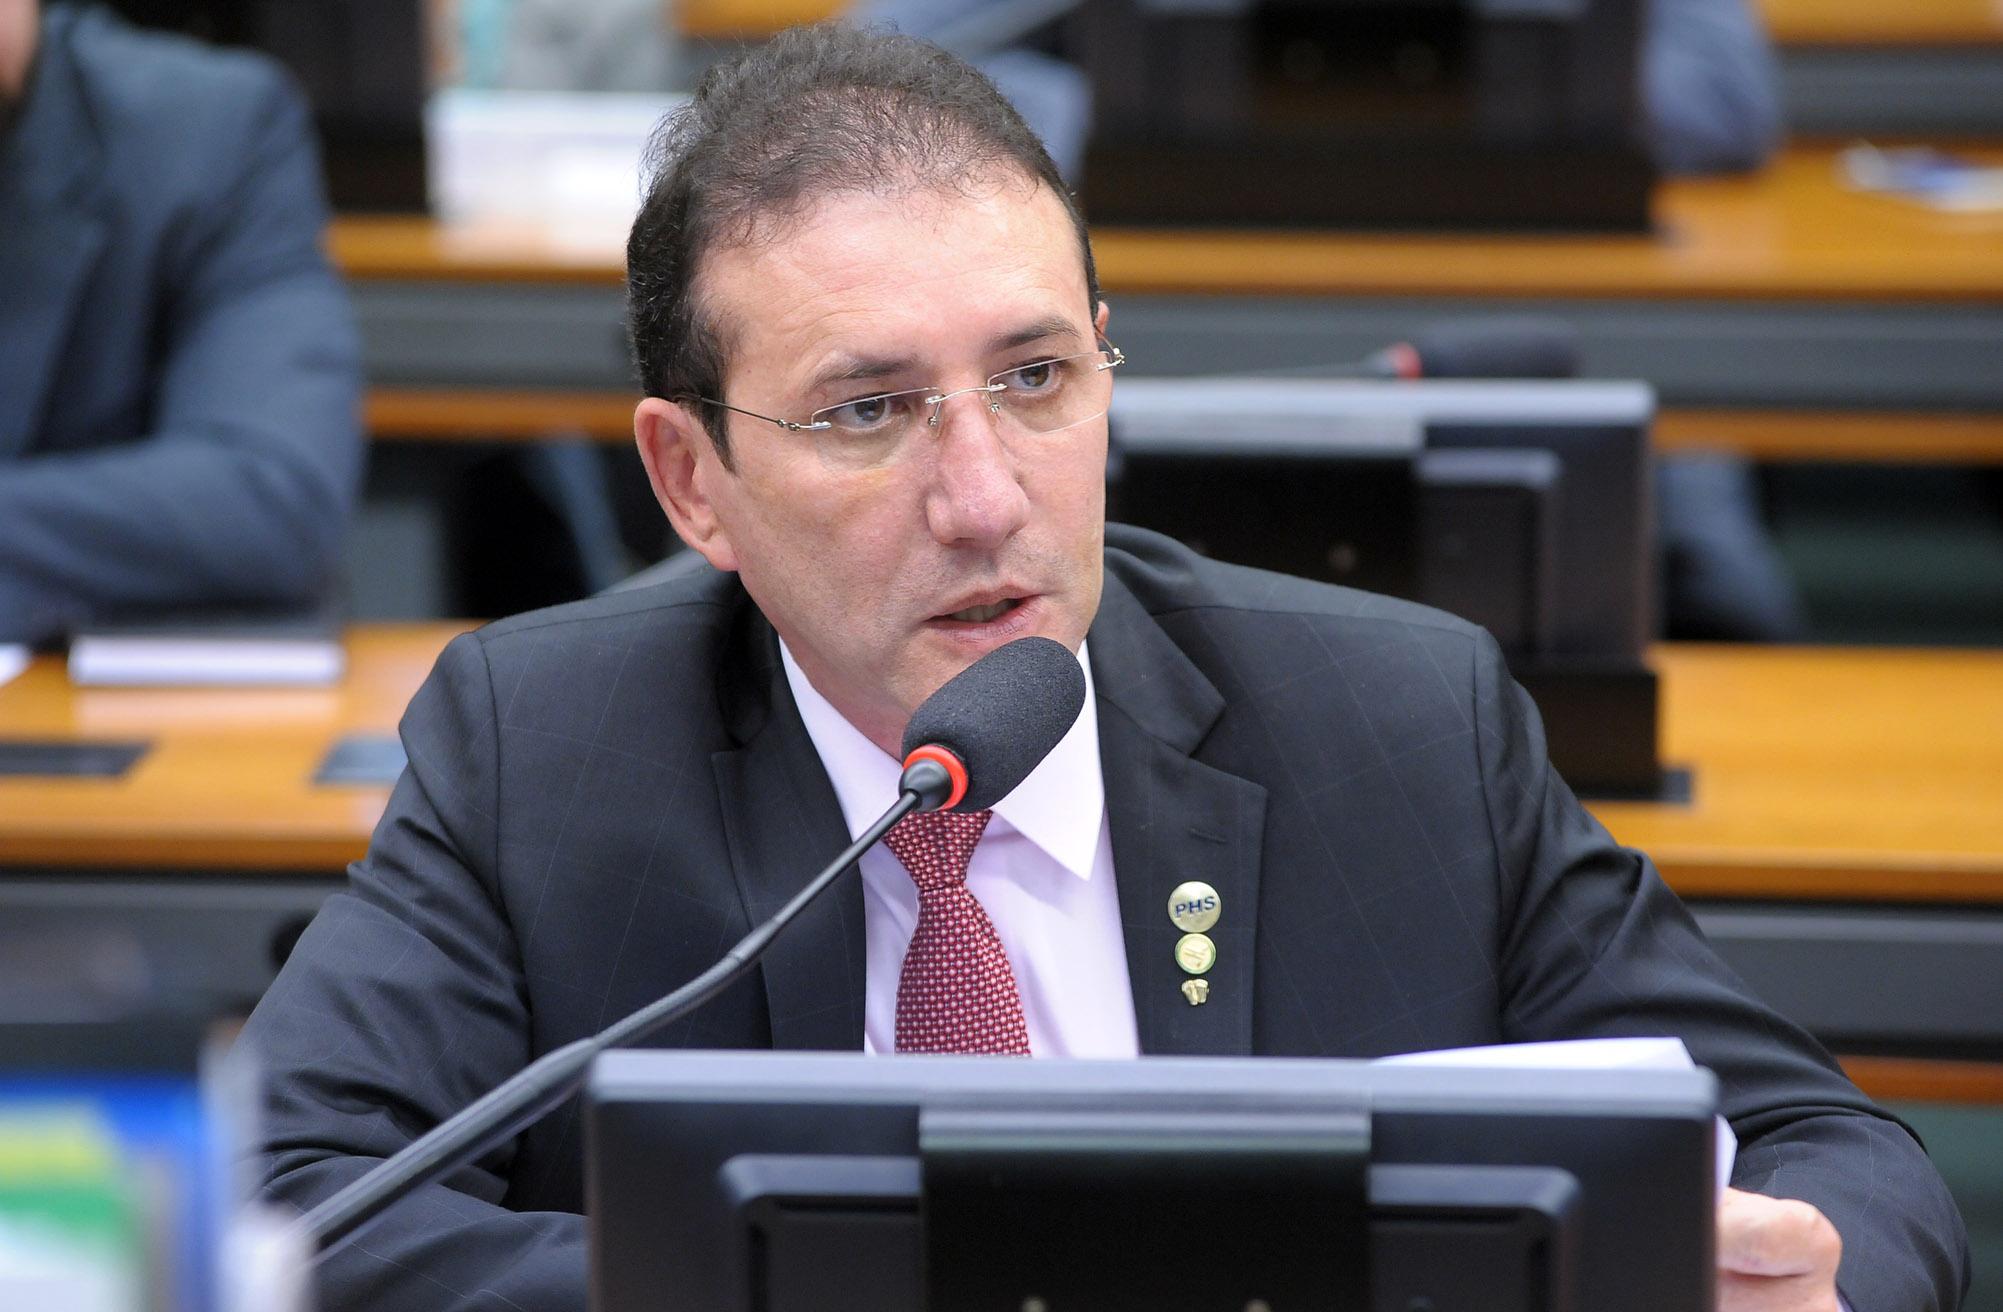 Audiência pública para oitiva do ex-ministro do Desenvolvimento, Indústria e Comércio Exterior (MDIC), Miguel Jorge. Dep. Adail Carneiro (PHS-CE)